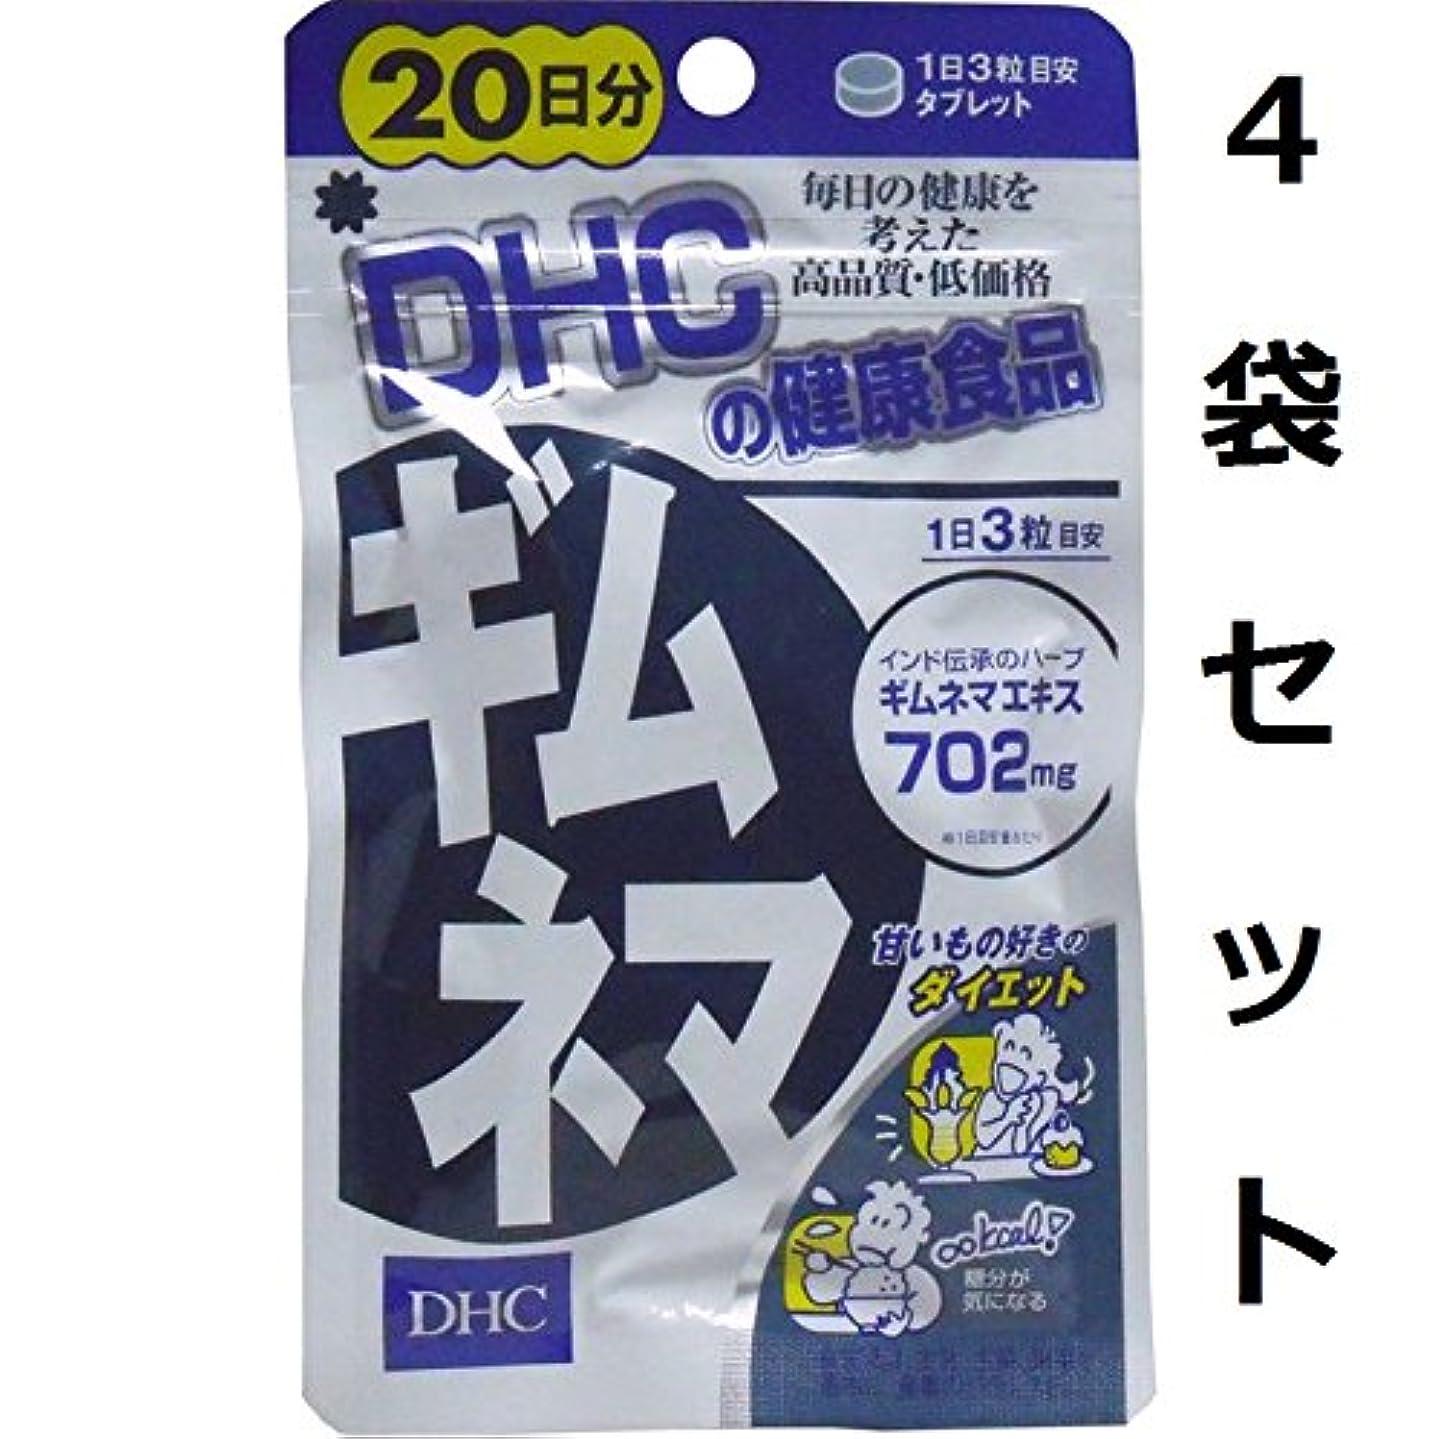 押す忍耐畝間糖分や炭水化物を多く摂る人に DHC ギムネマ 20日分 60粒 4袋セット